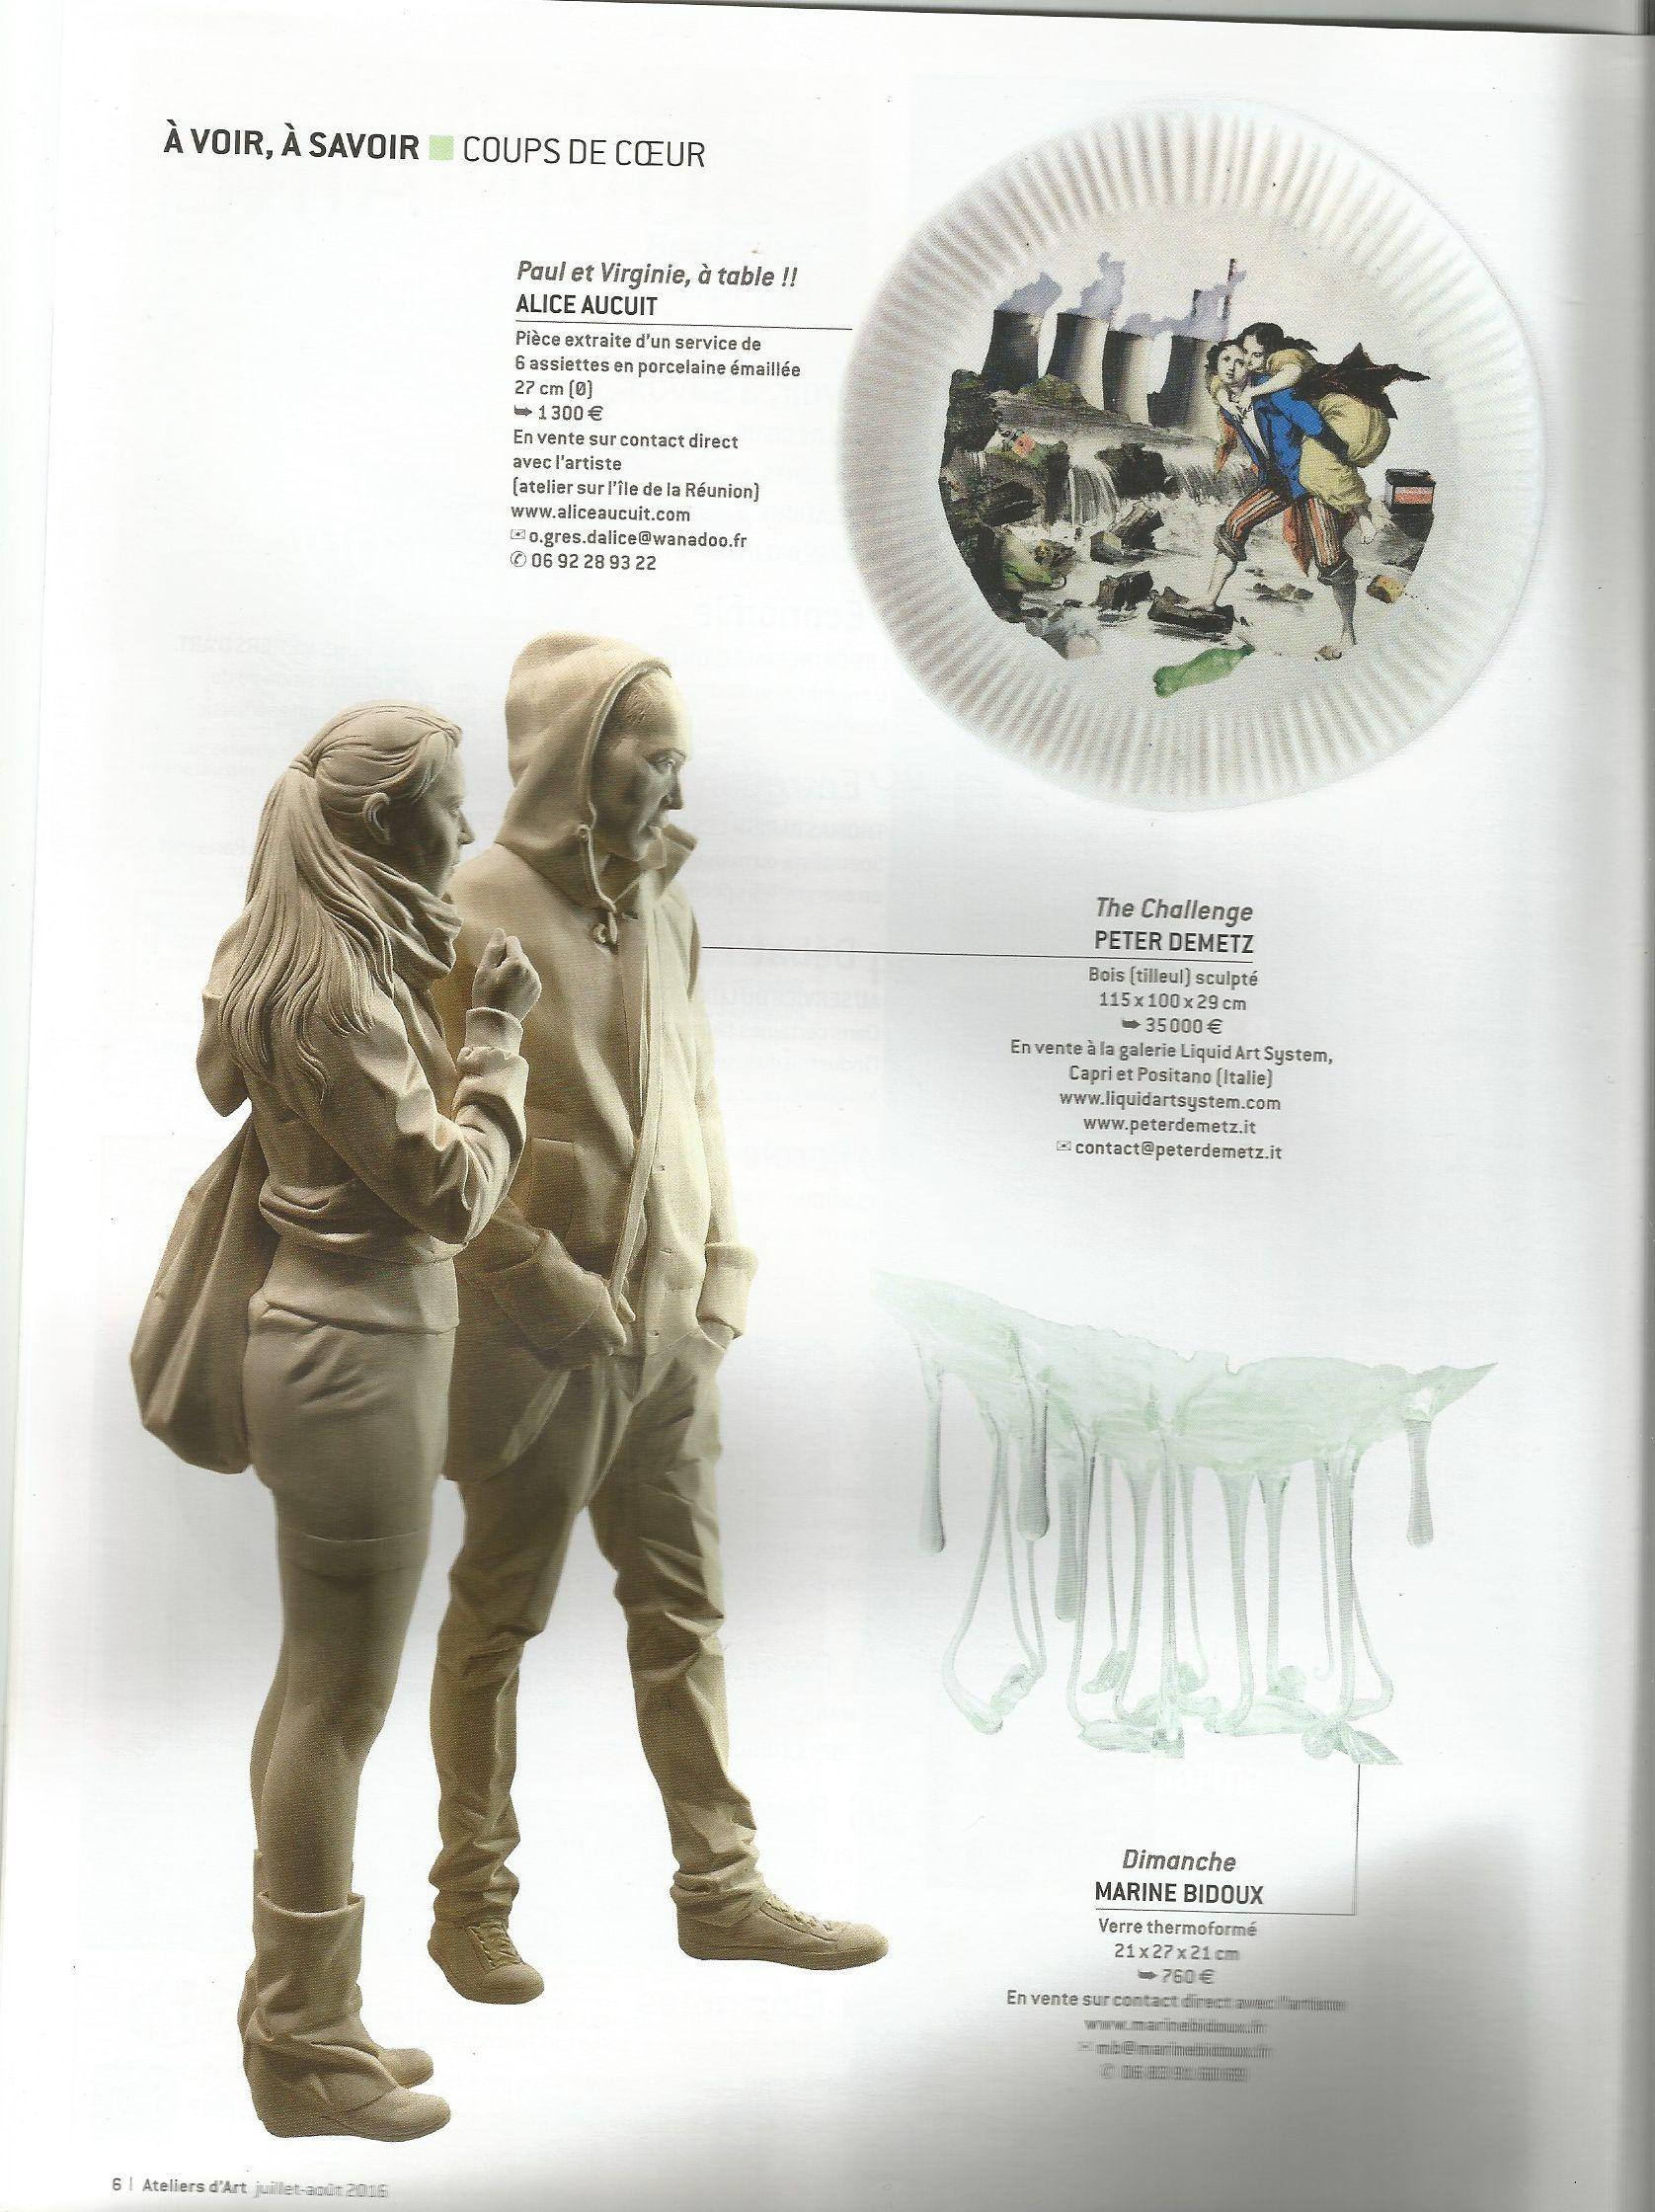 Ateliers d 39 art de france juillet aout 2016 alice aucuit artiste c ram - Ateliers d arts de france ...